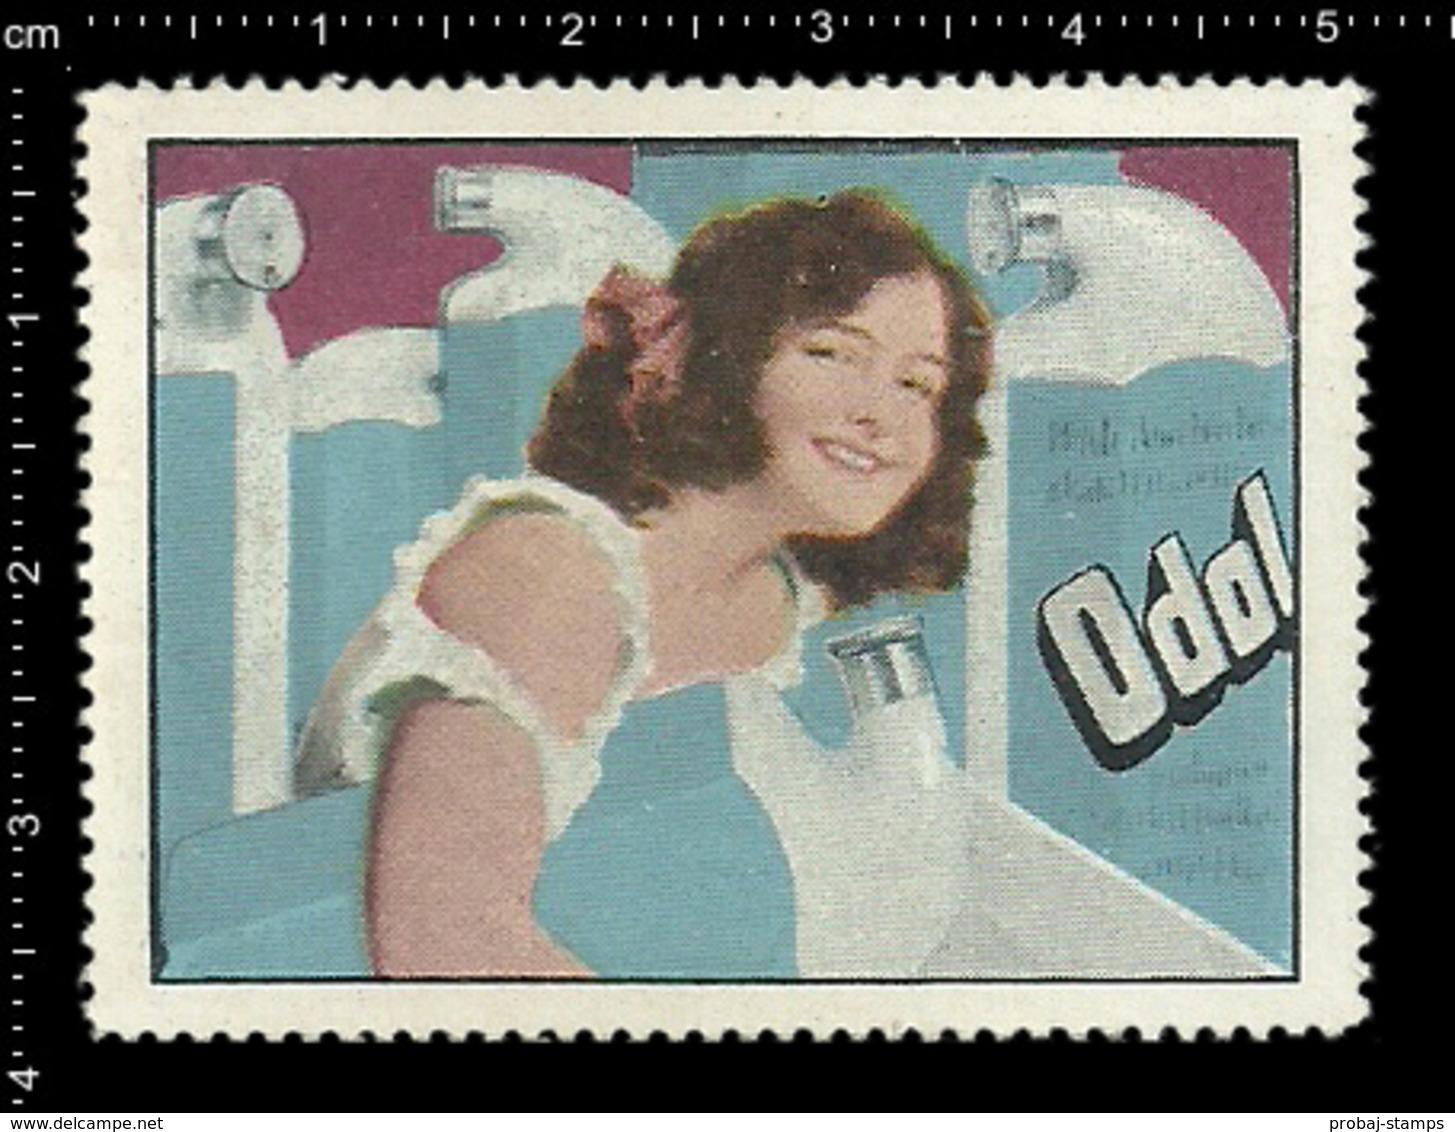 German Poster Stamp, Stamps, Reklamemarke, Cinderellas, Odol, Mouthwash, Dentist, Mundwasser, Zahnarzt, Tooth, Zähne - Cinderellas